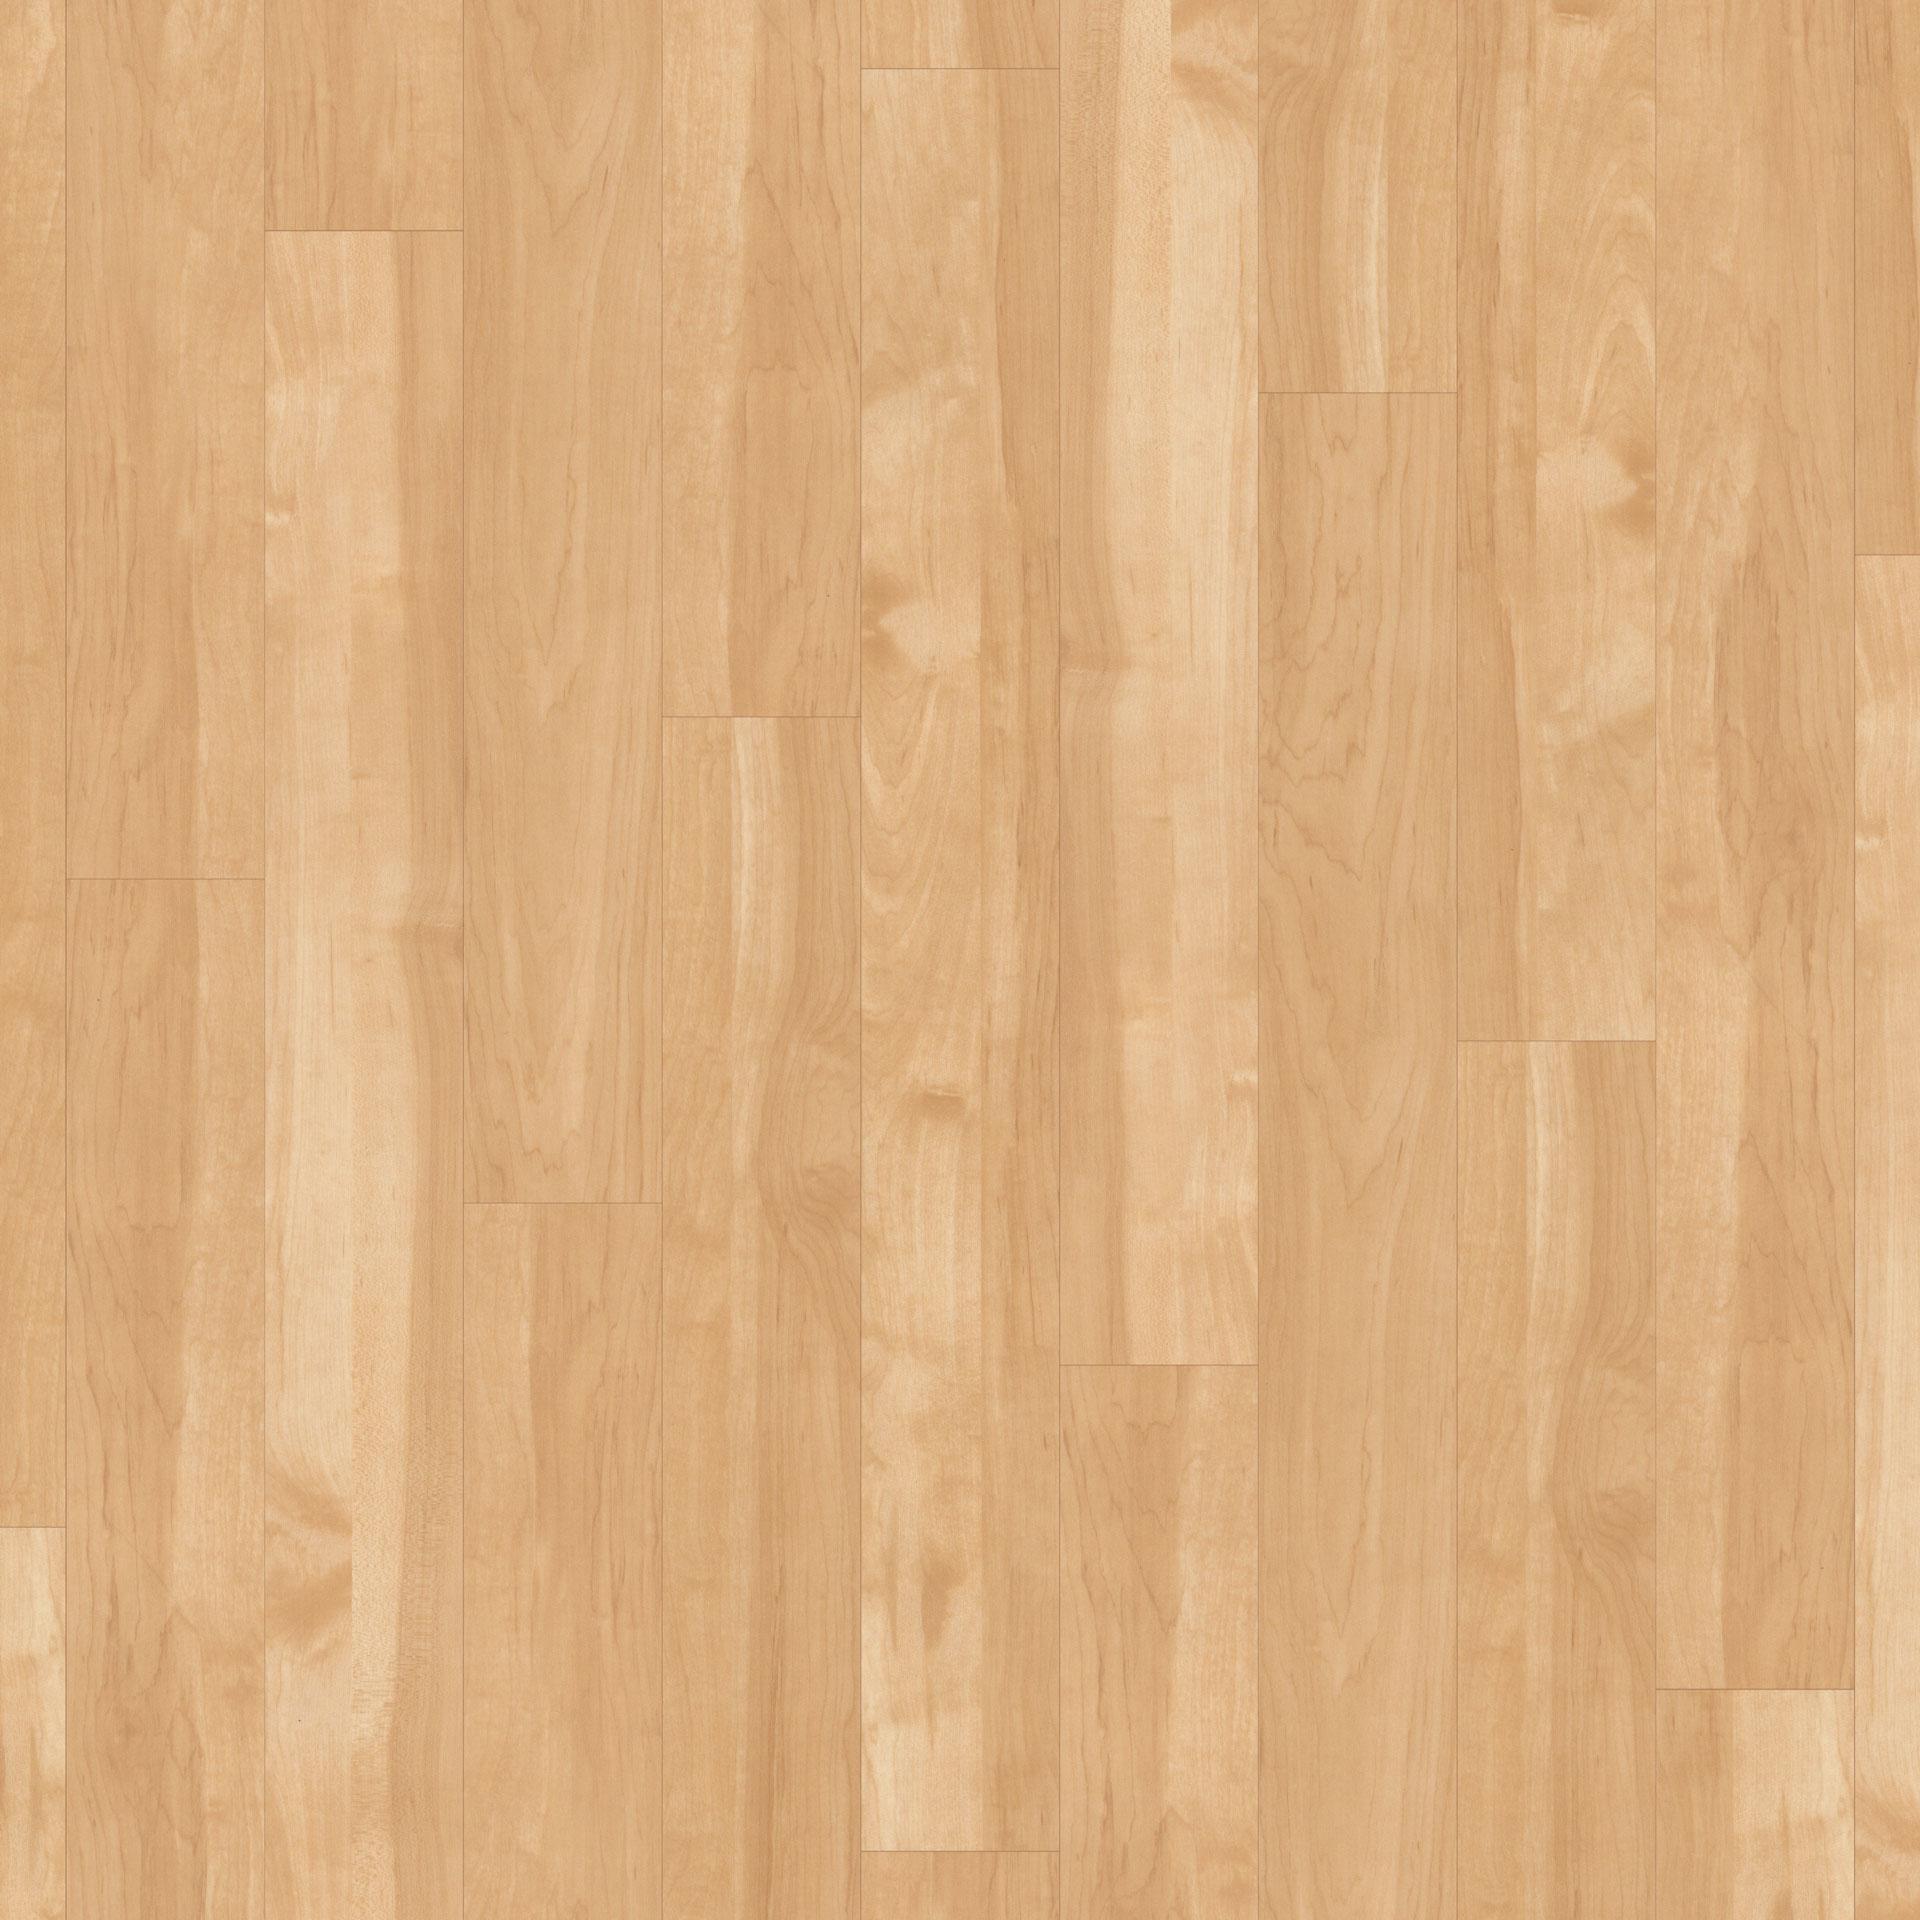 wooden floor tiles kp32 sycamore UOFRASR